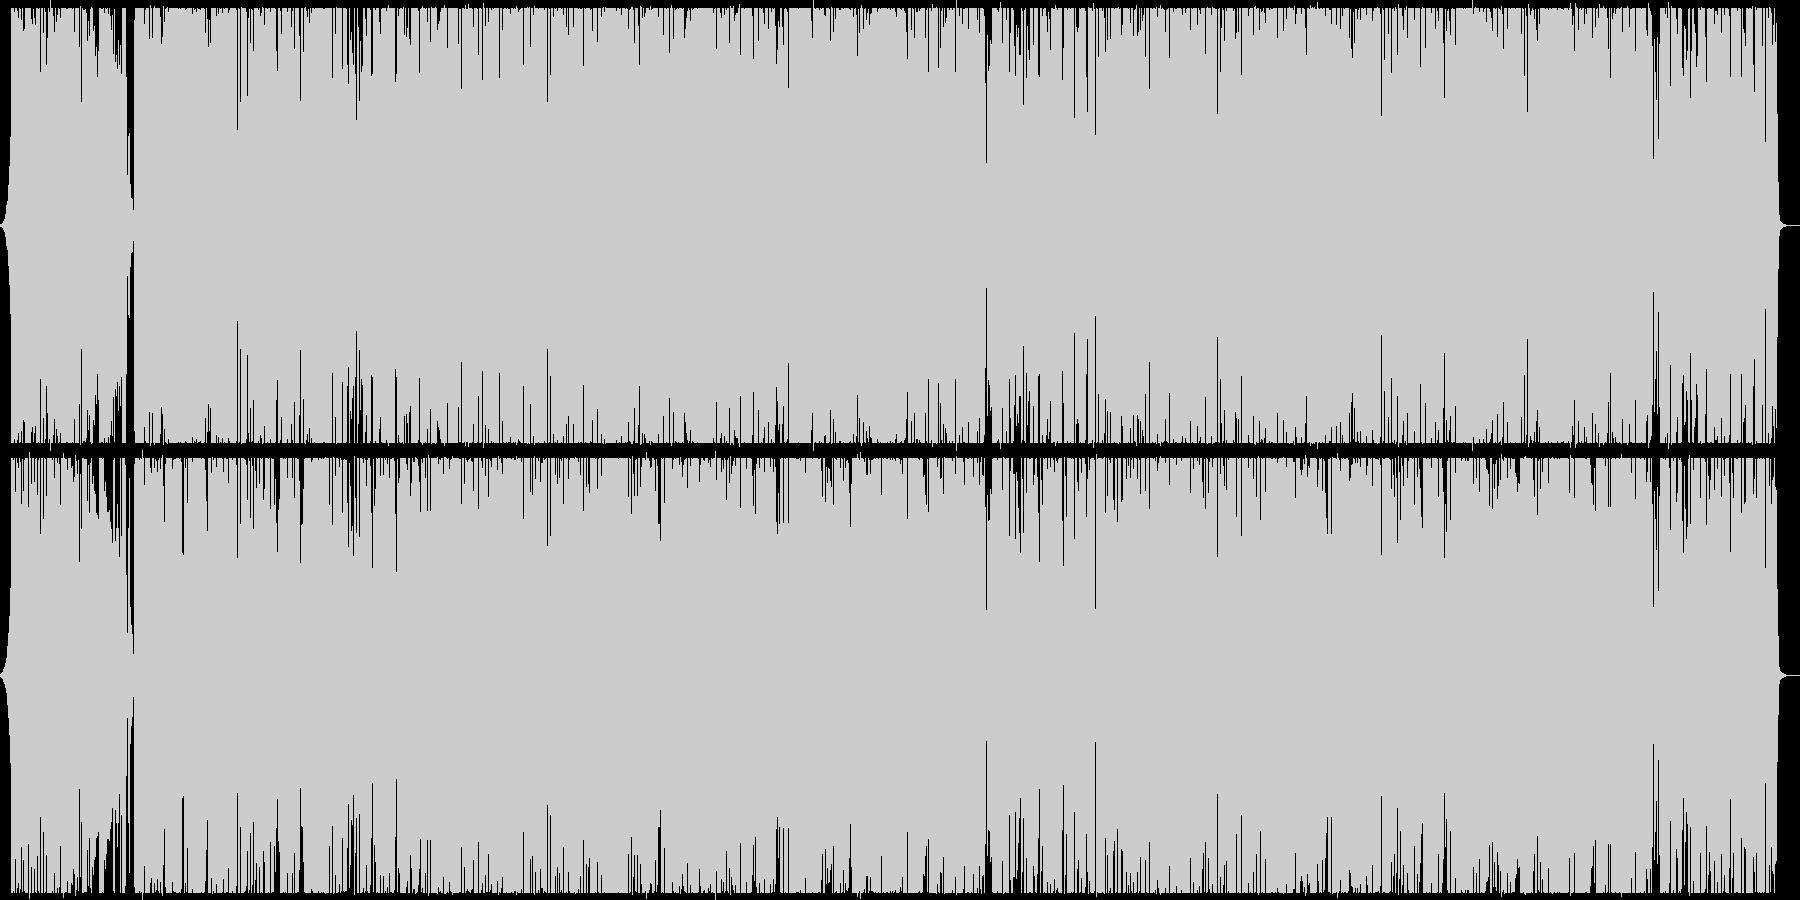 クールかつゴージャスなジャズ調ラップ曲の未再生の波形